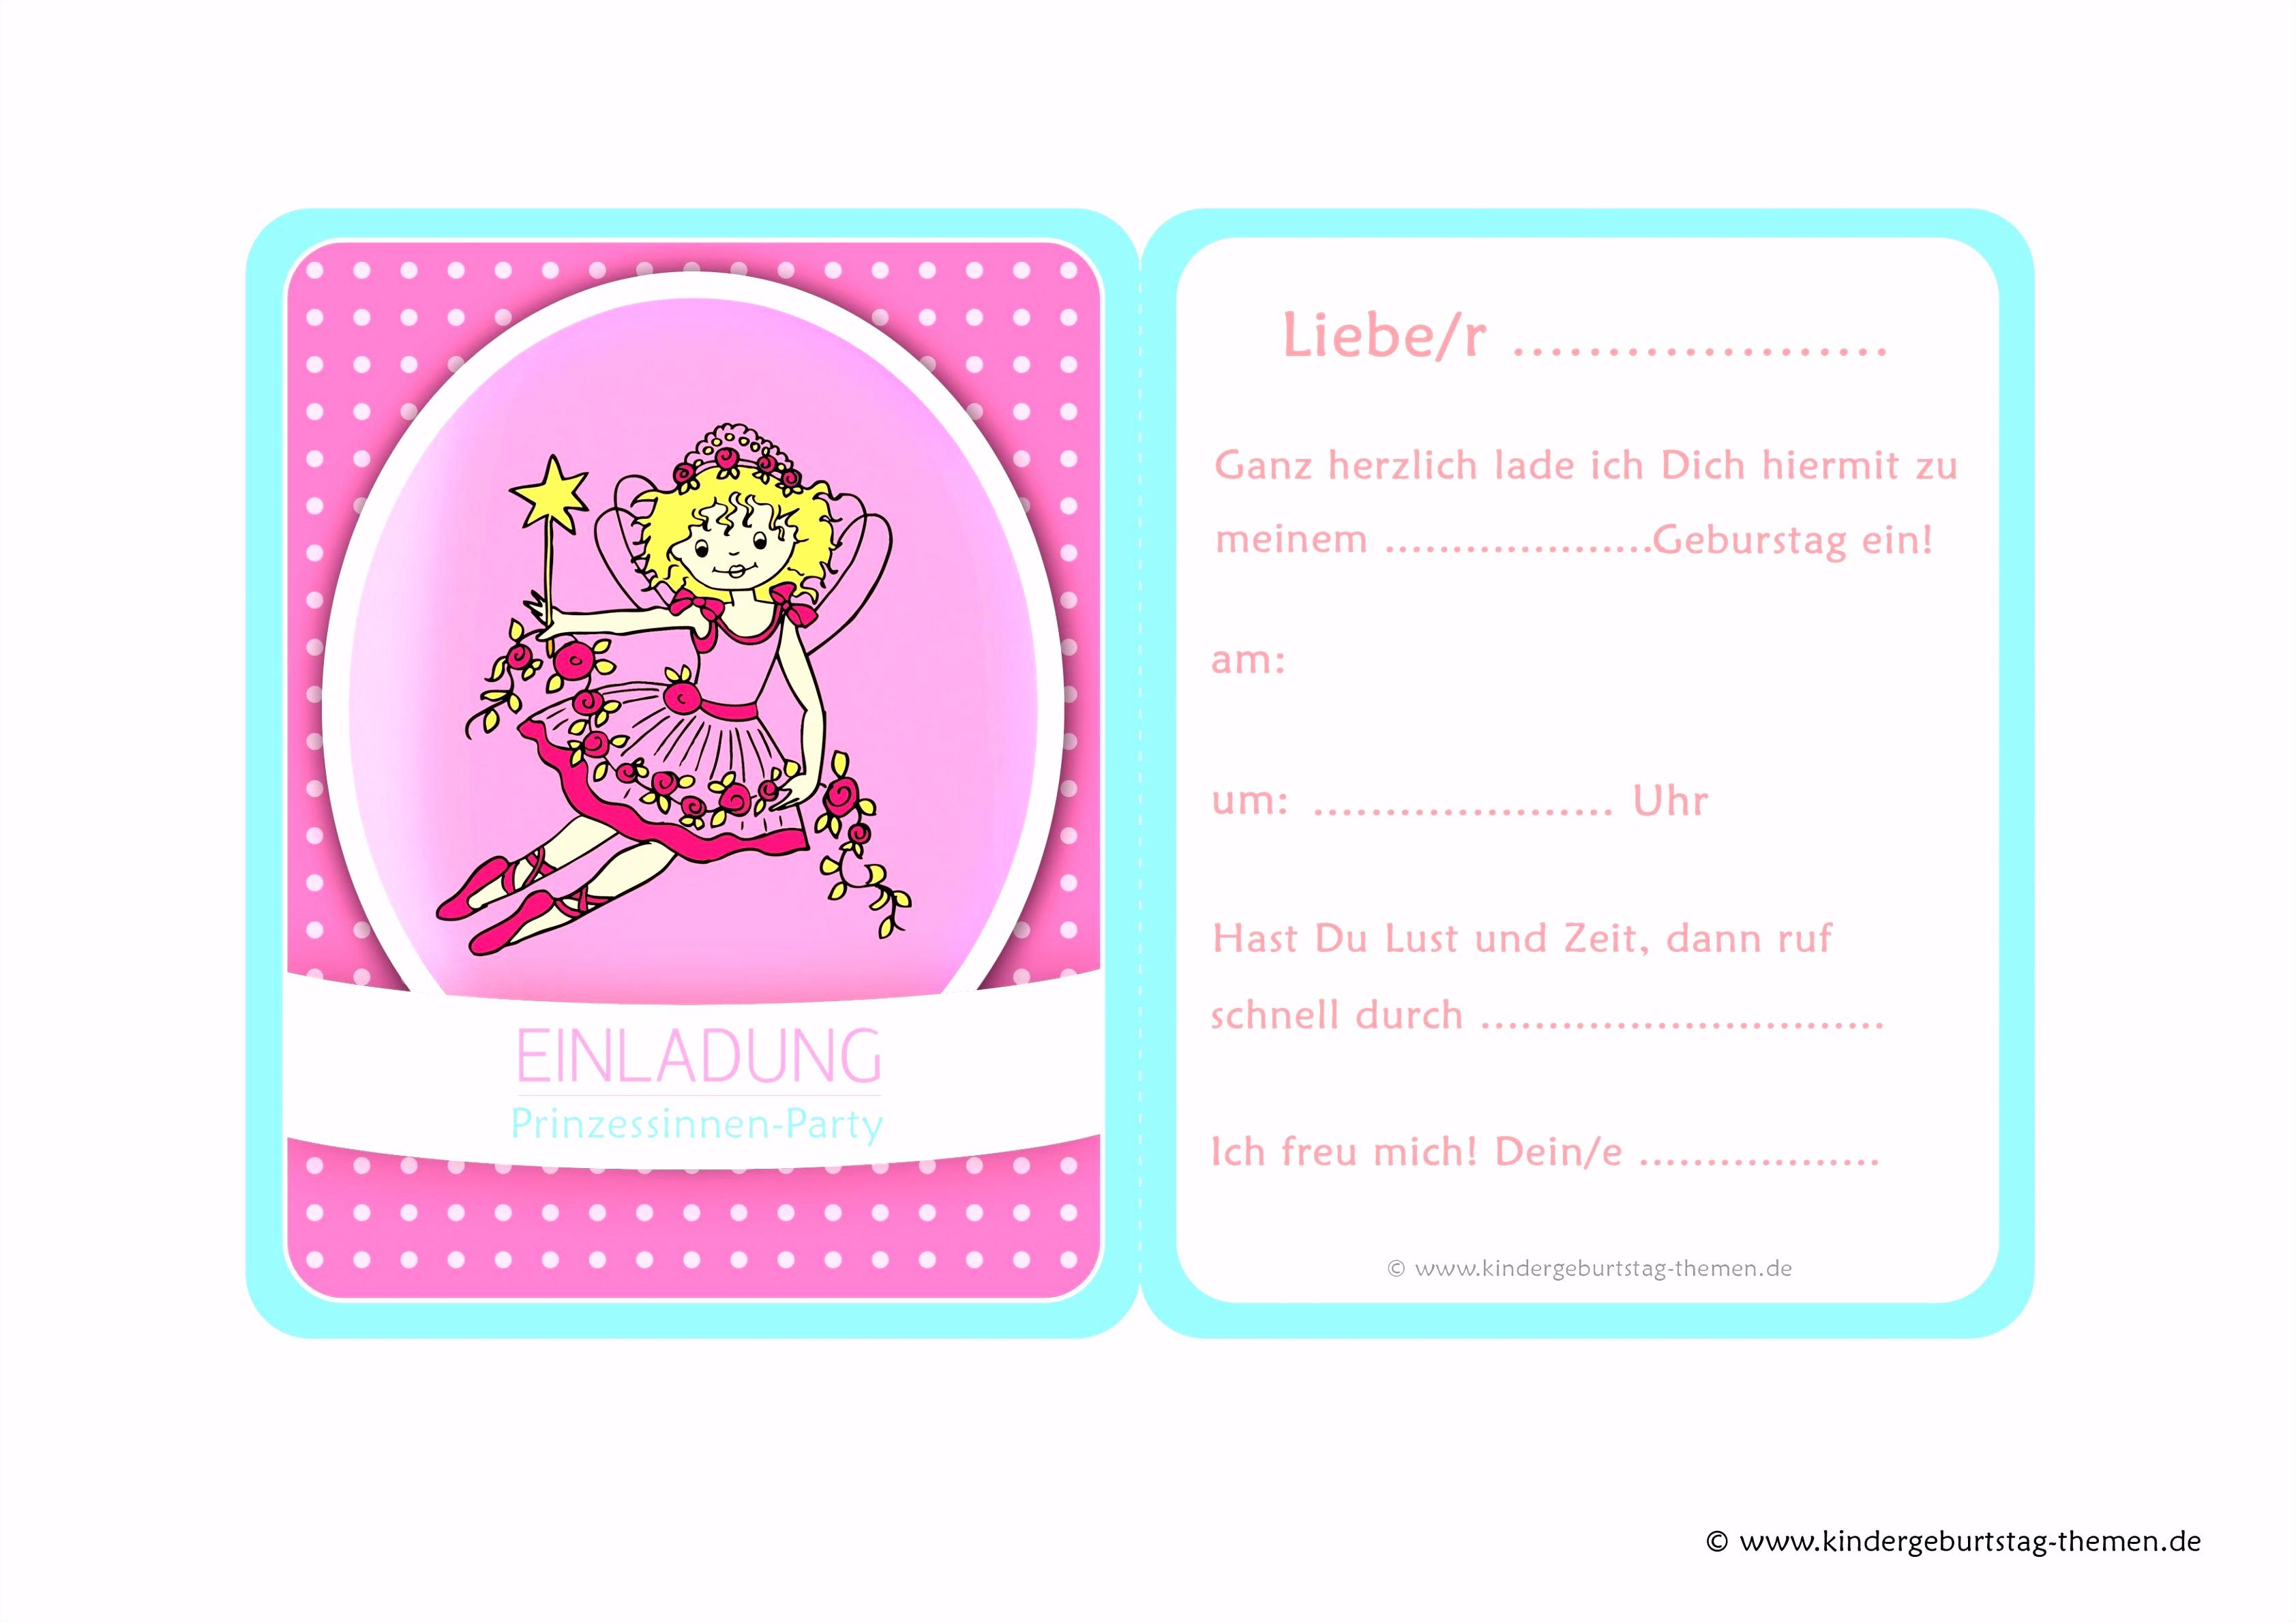 Karten Vorlage Der Best Geburtstagseinladungen Zum Ausdrucken E2sd72bdt8 V5zghuega6